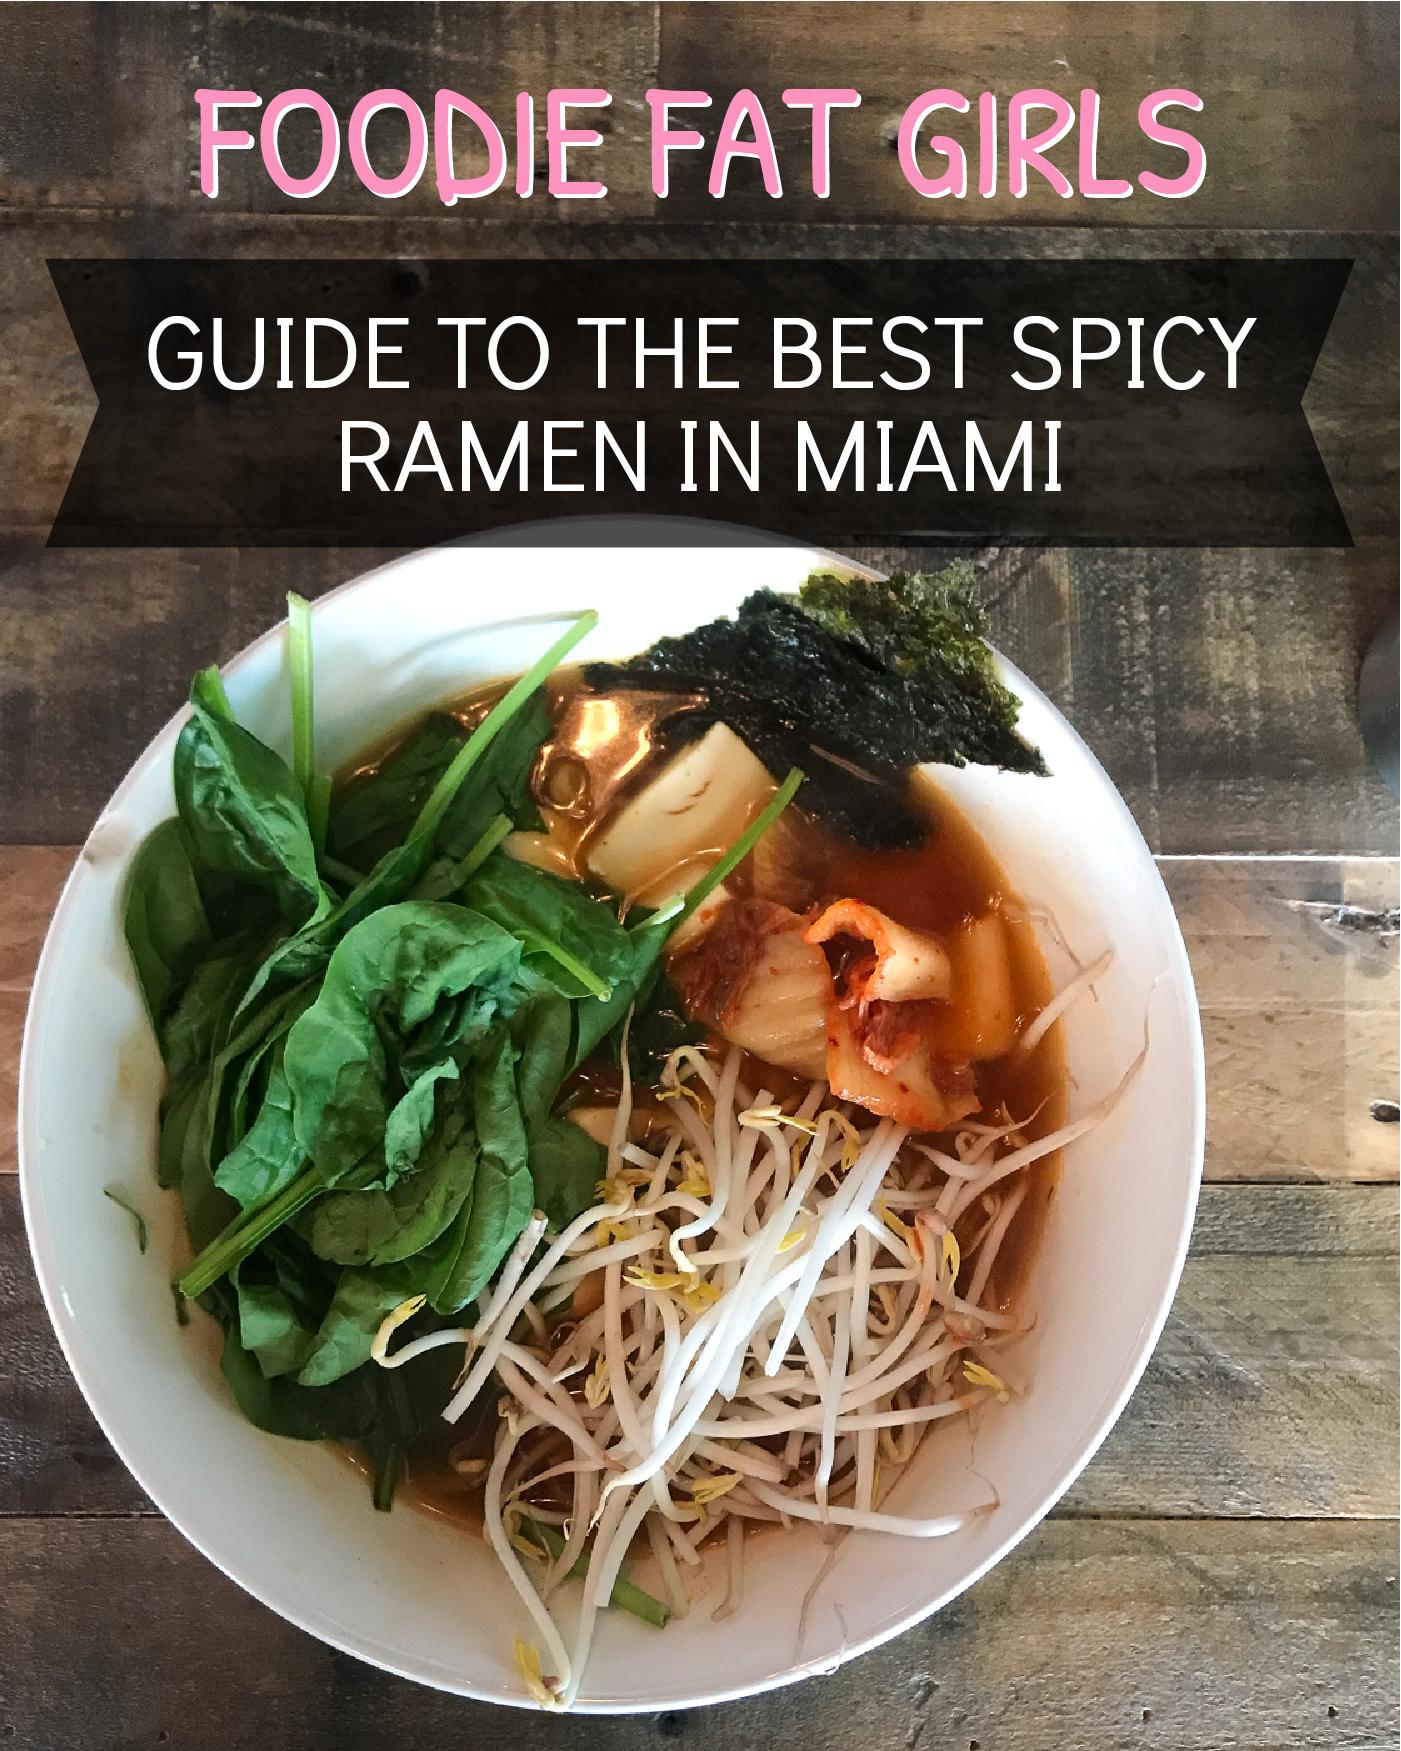 BEST SPICY RAMEN IN MIAMI